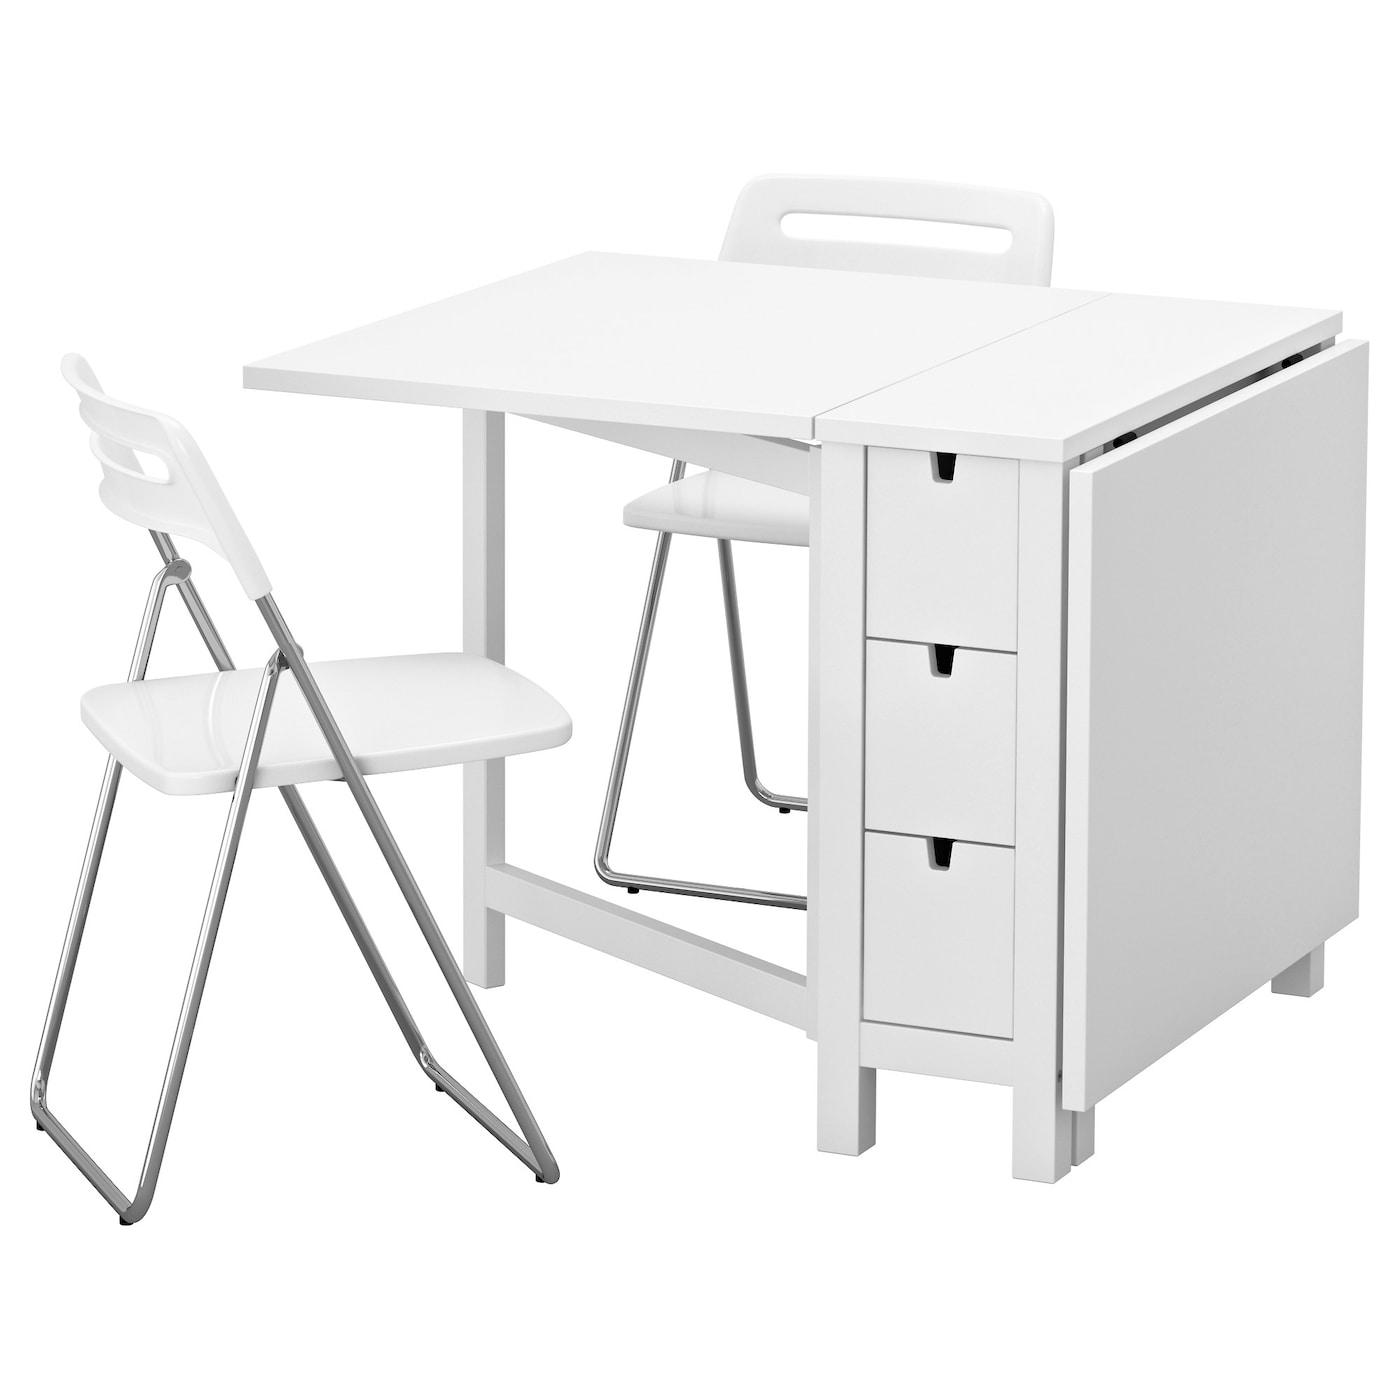 Nisse norden tafel en 2 klapstoelen wit 89 cm ikea for Ikea tafels